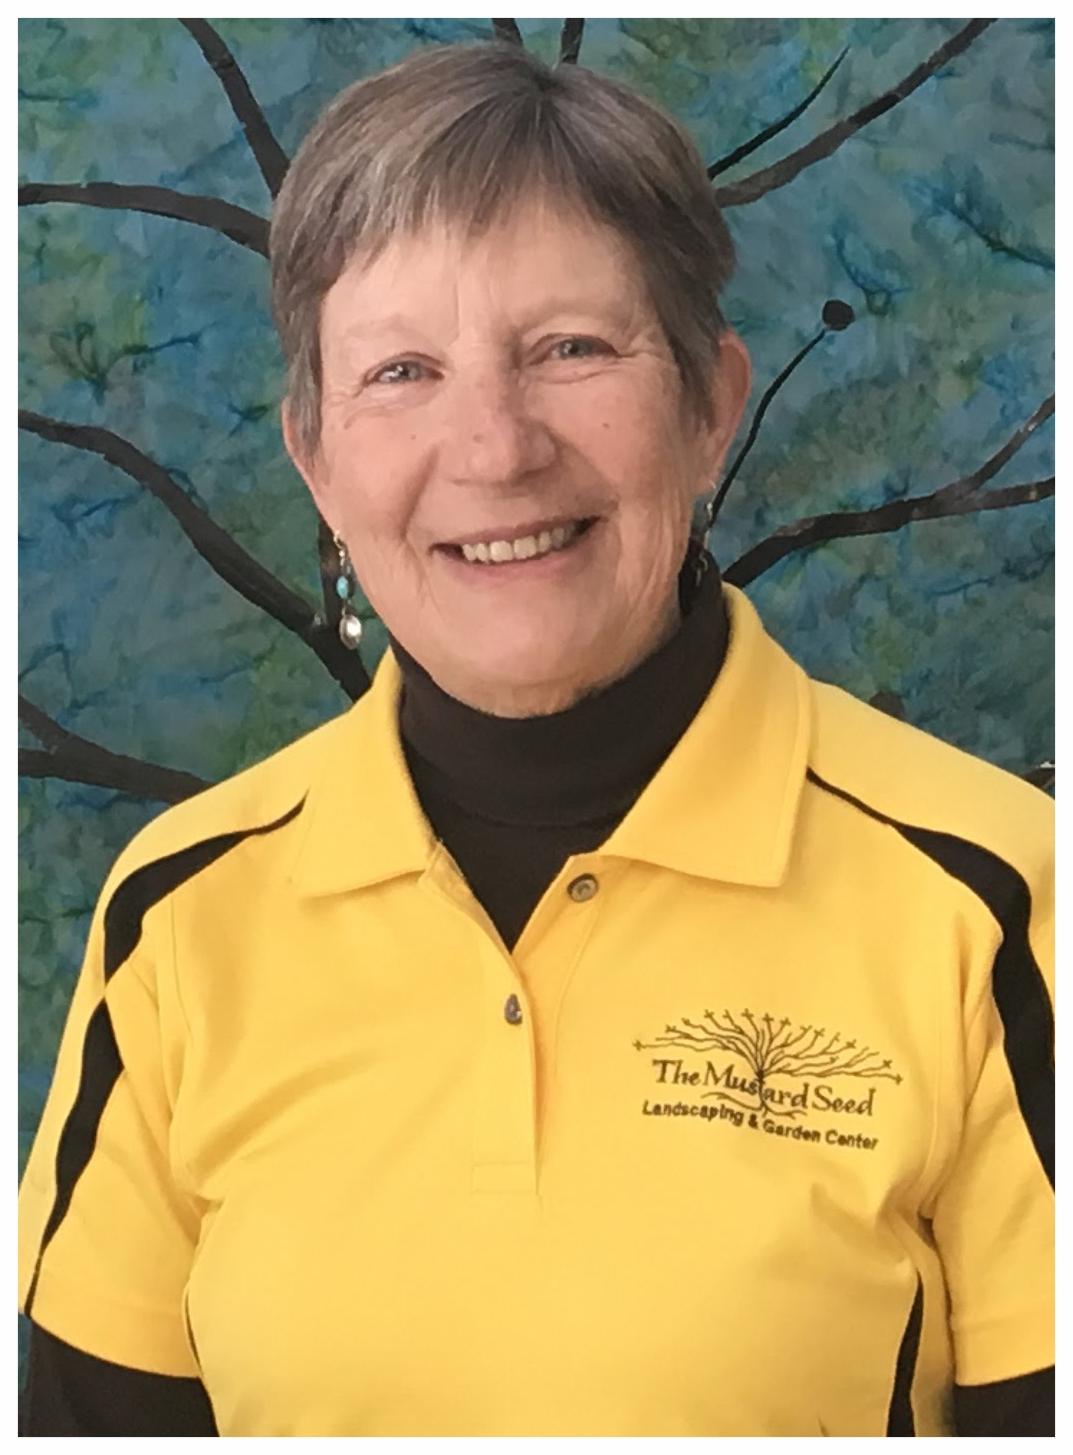 Jill Edwardsen Garden Center Manager